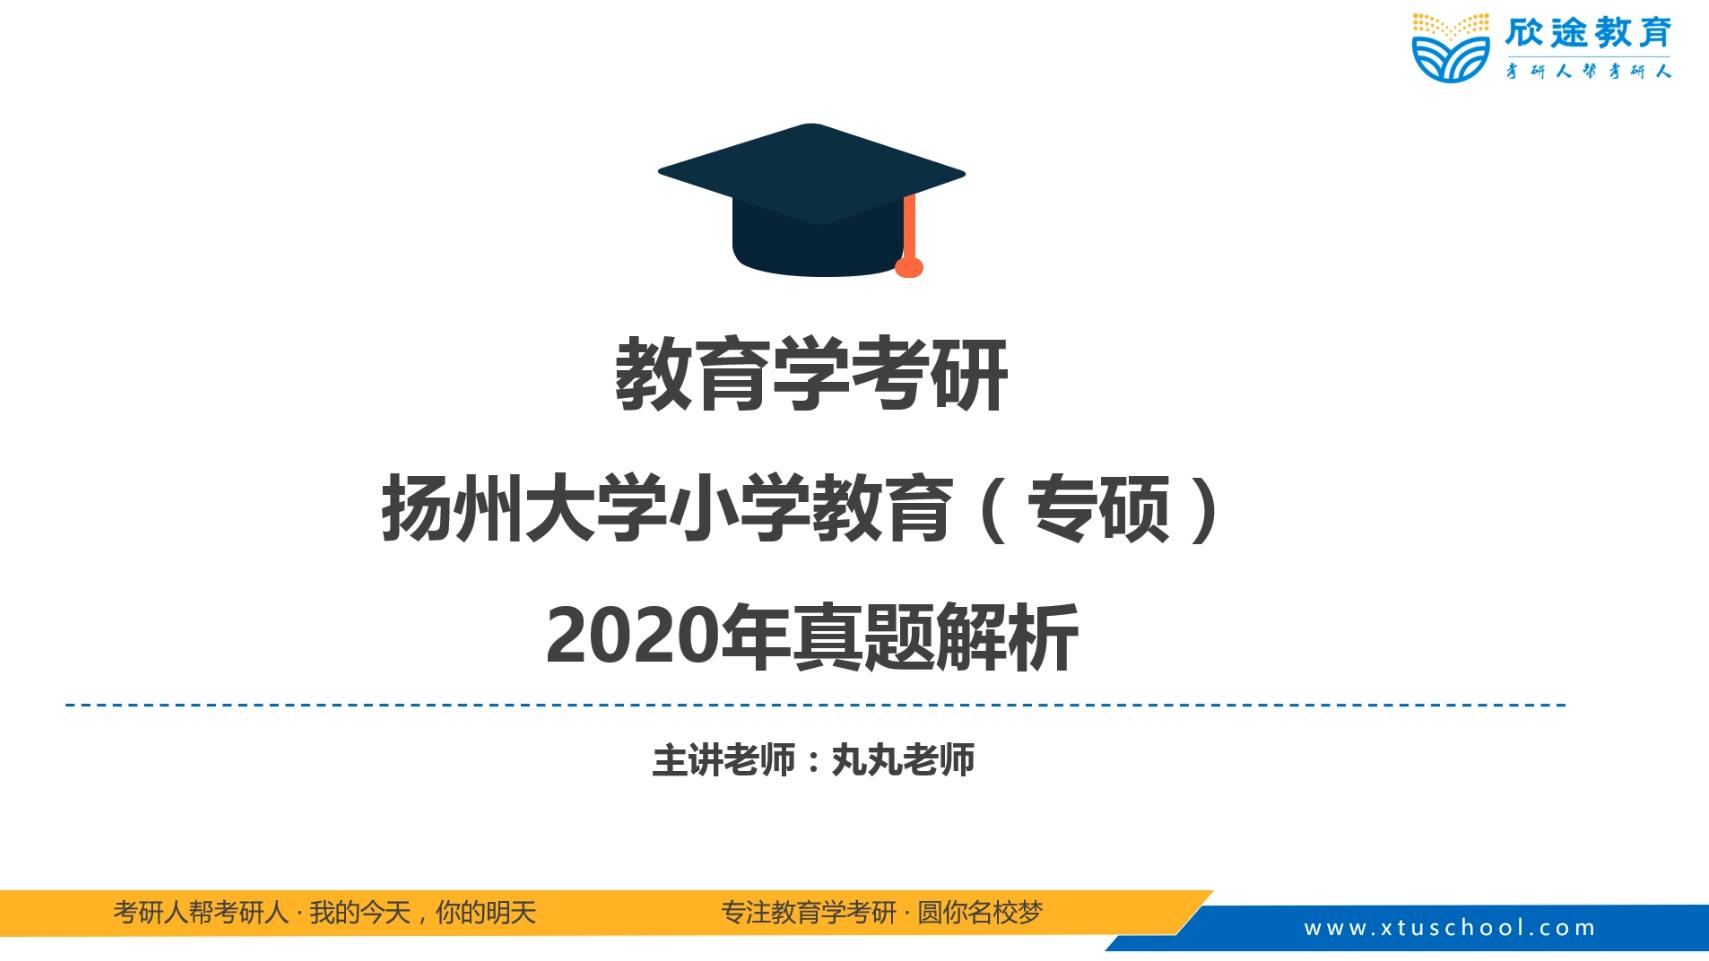 【2021教育学考研】扬州大学(小学教育)冲刺真题解析试听课